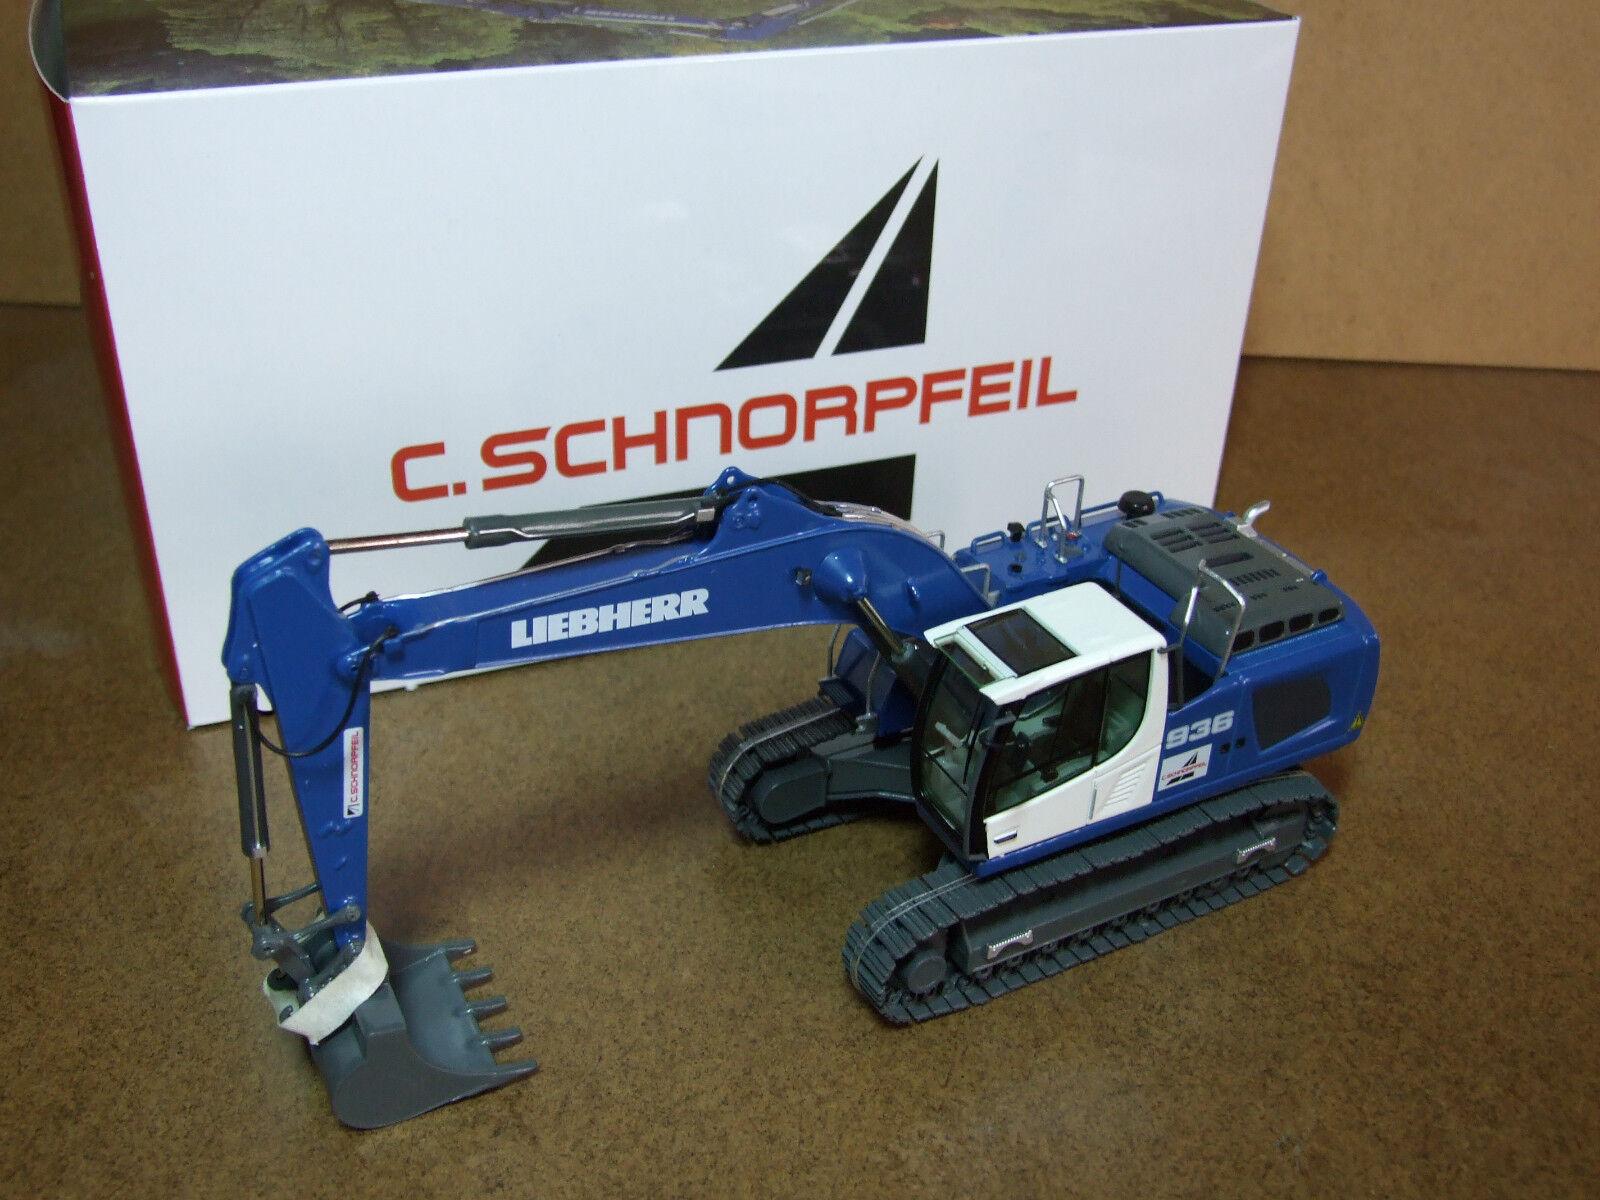 NZG 957 02  Liebherr r936 IV excavadoras  C. schnorpfeil  nuevo & OVP.